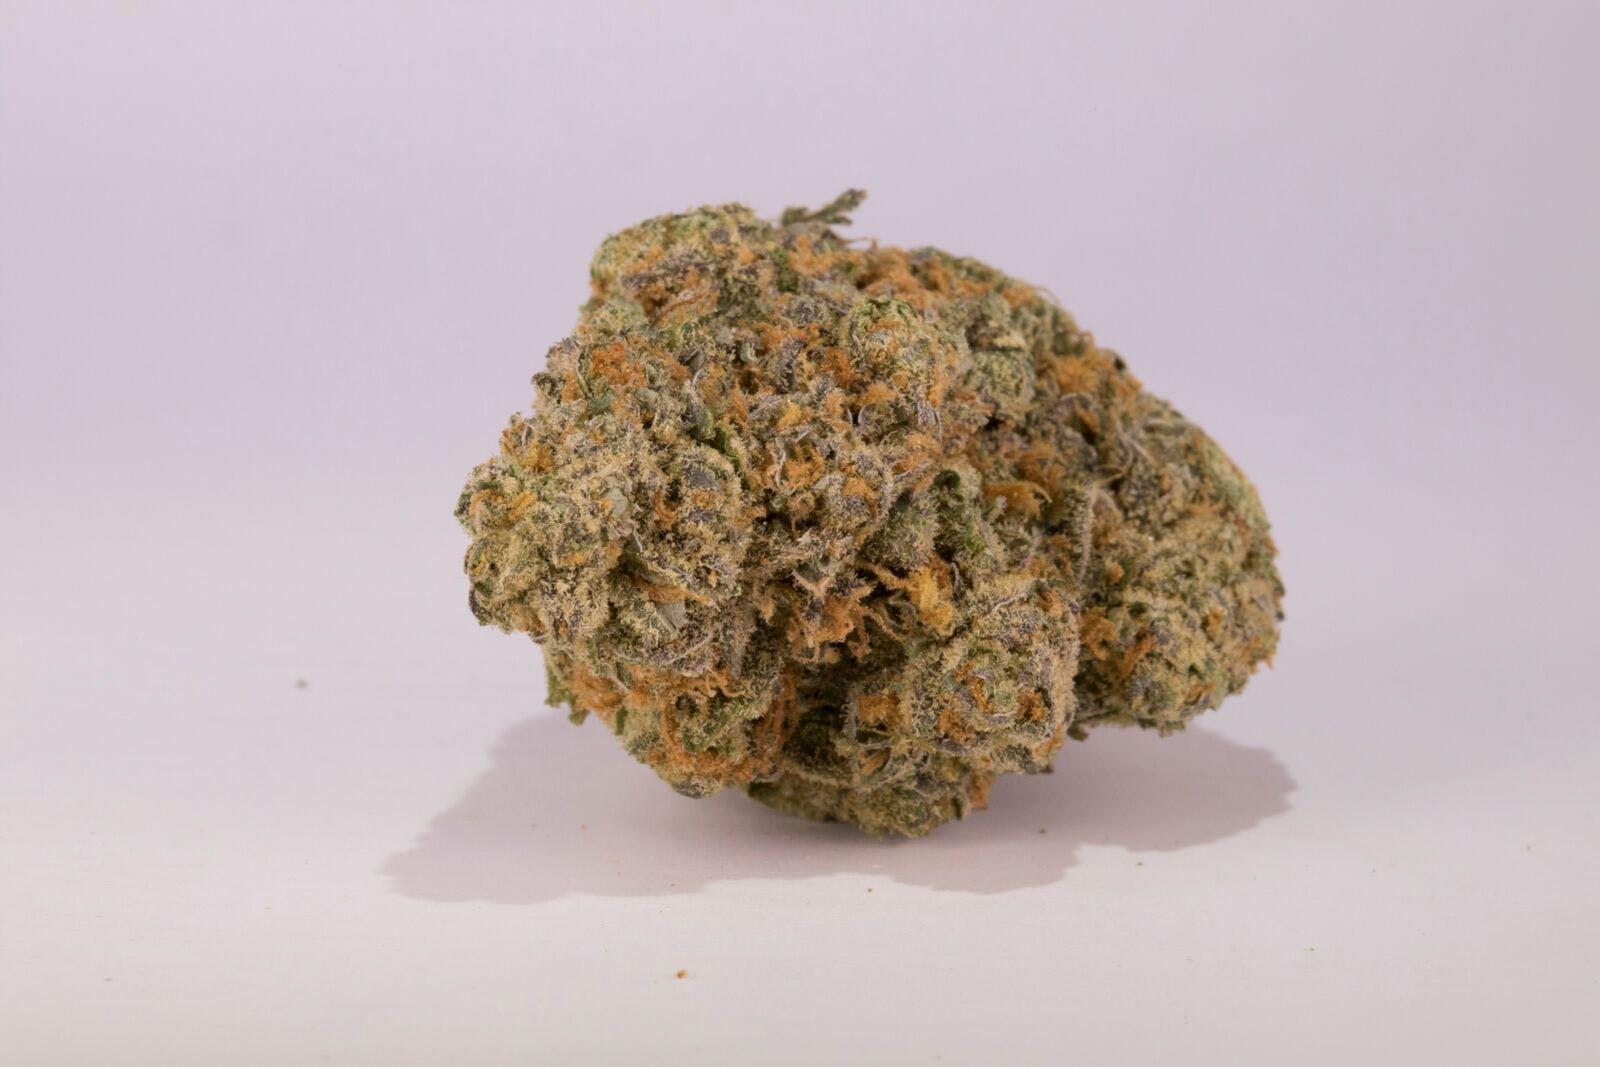 Nuken Weed; Nuken Cannabis Strain; Nuken Indica Marijuana Strain